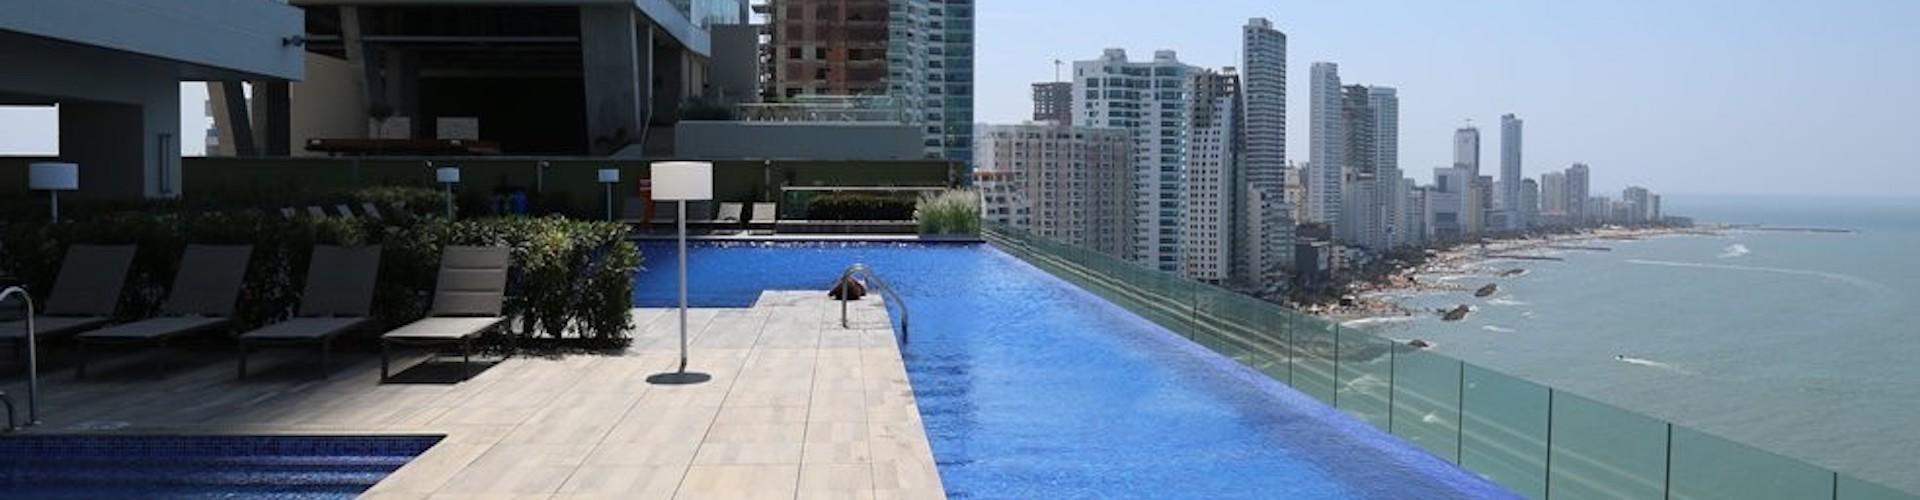 vente agent Immobilier vue mer colombie maison appartement investissement achat propriete en colombie